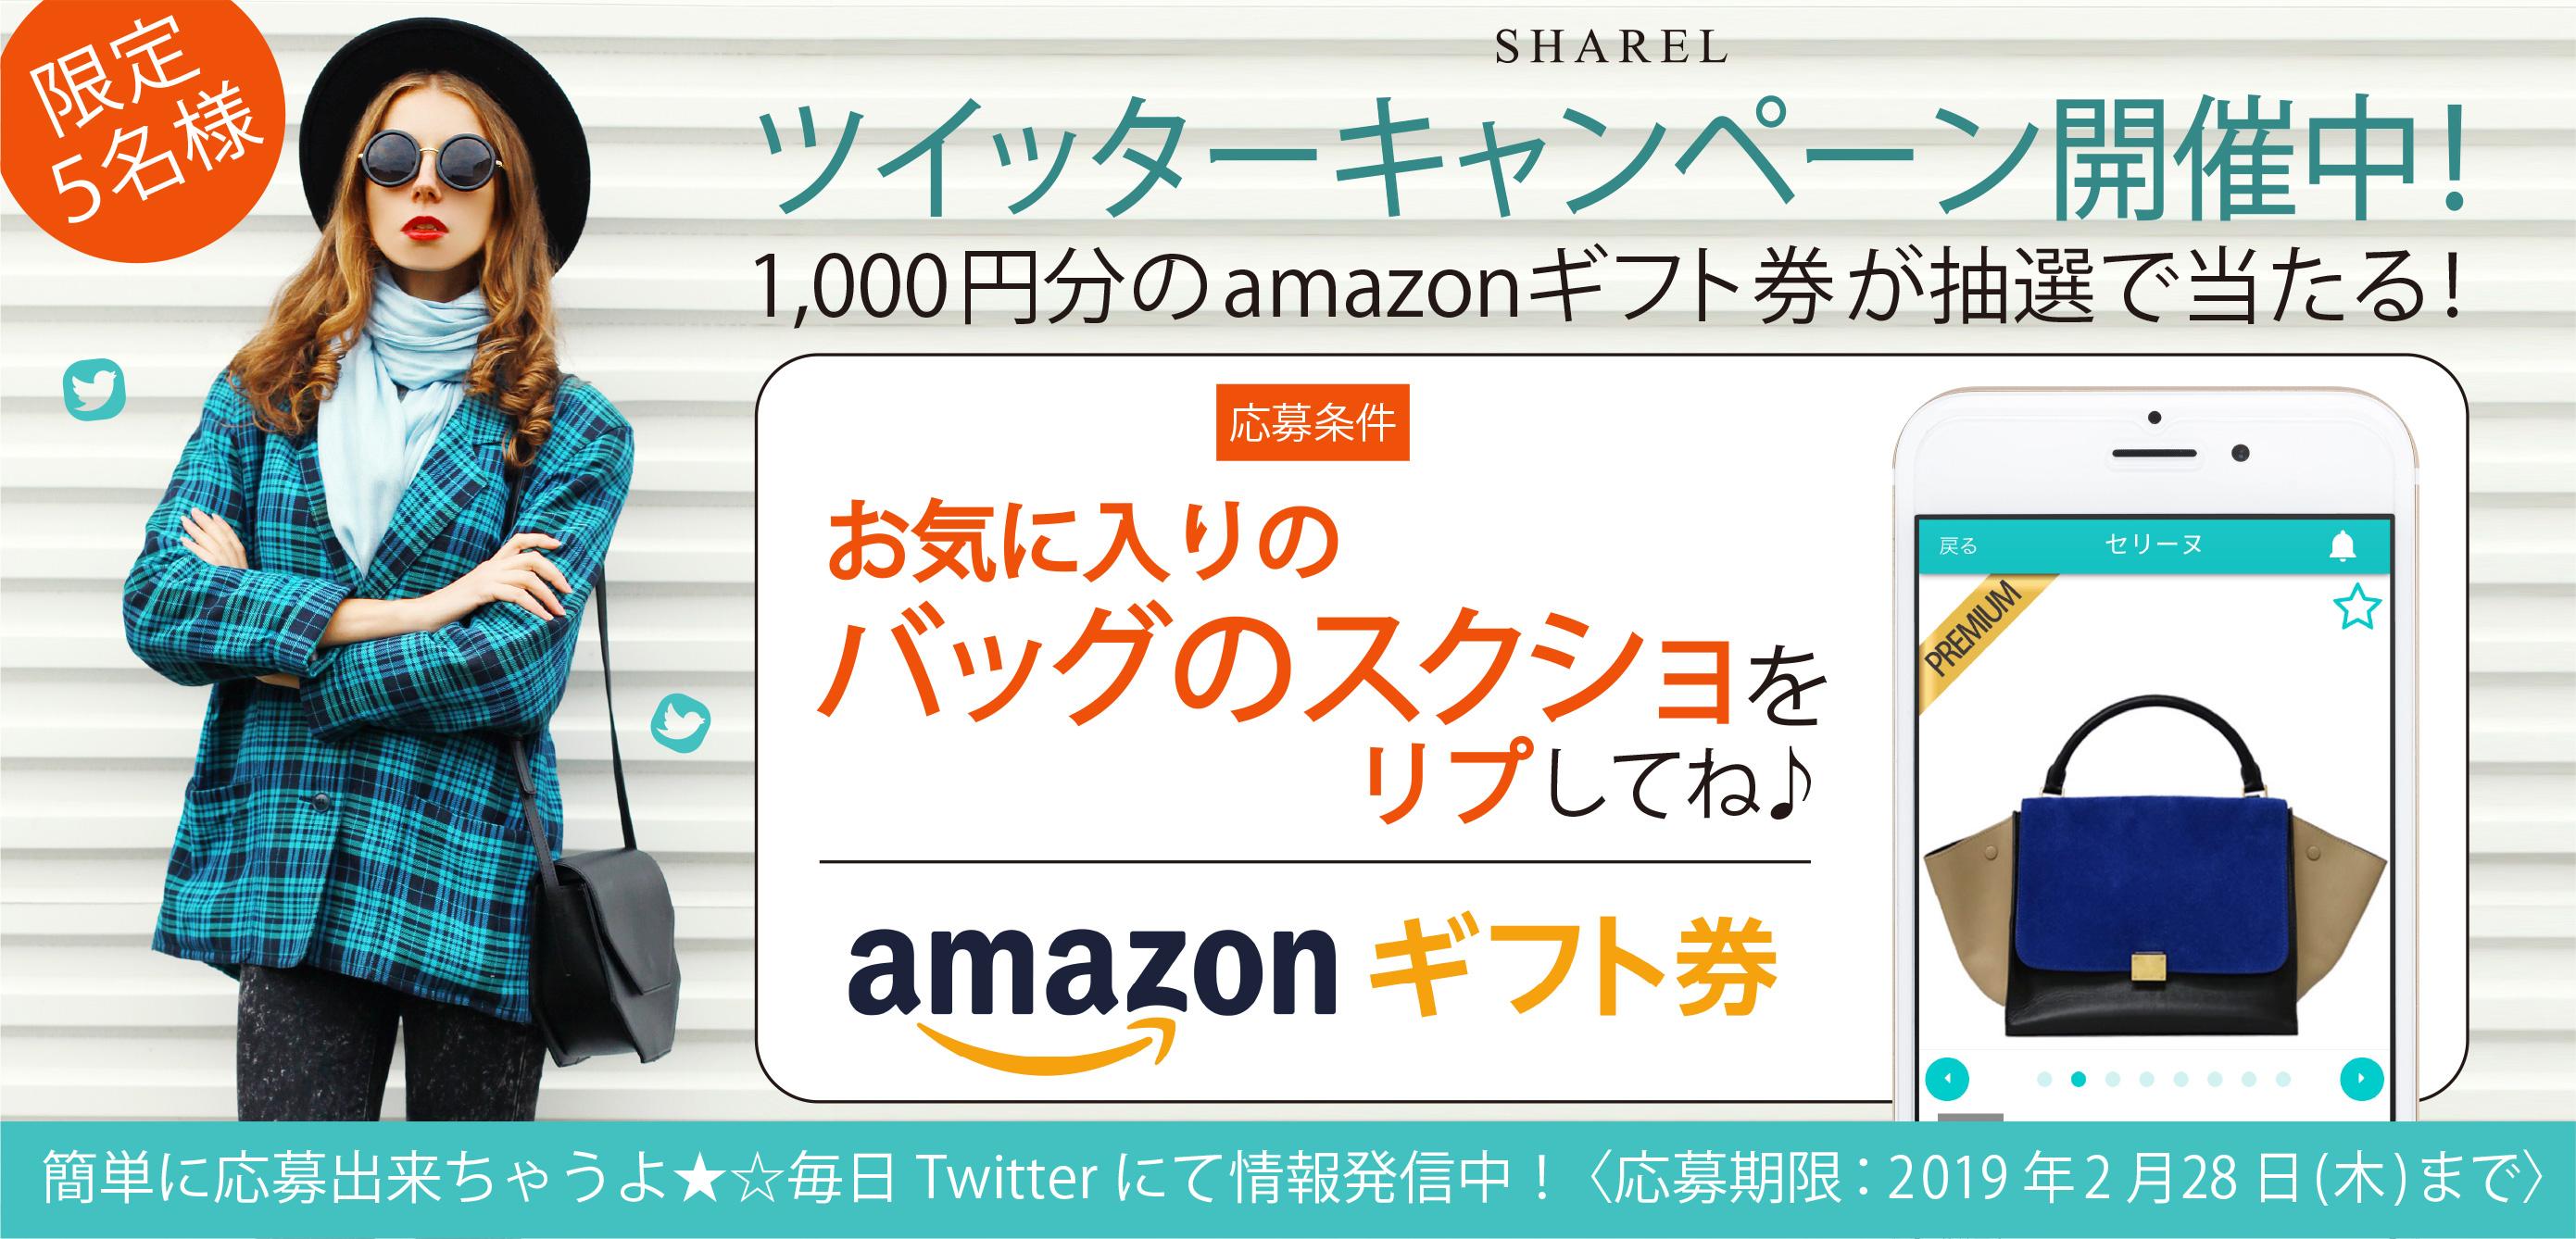 【シェアル】twitterでamazonギフト券キャンペーン